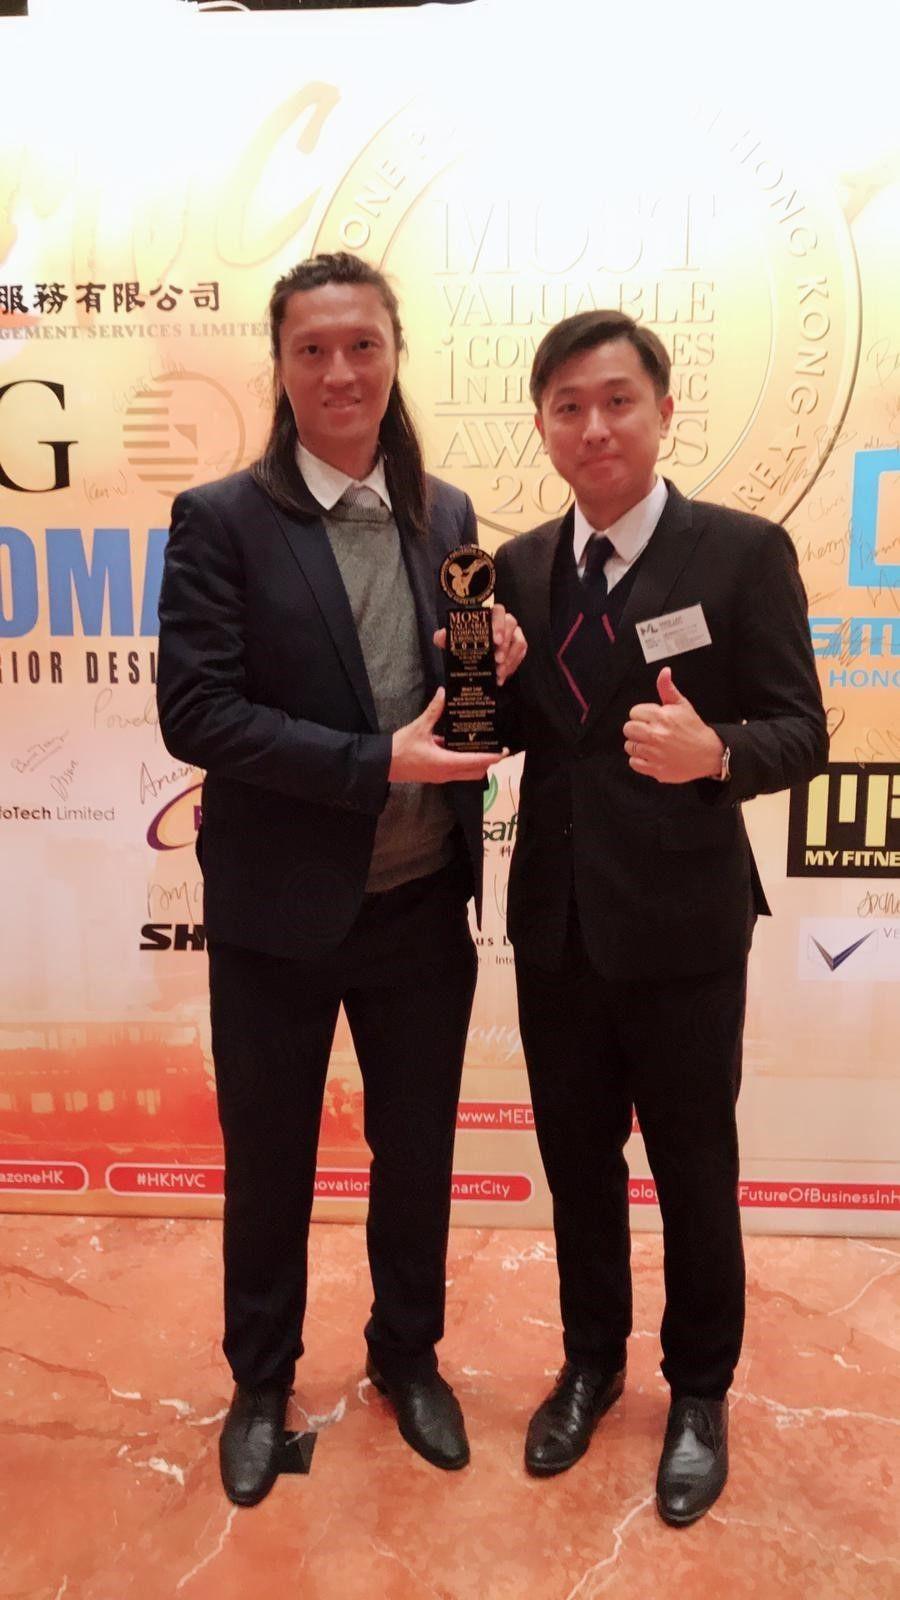 国际米兰香港青训学院取得傲人的成就